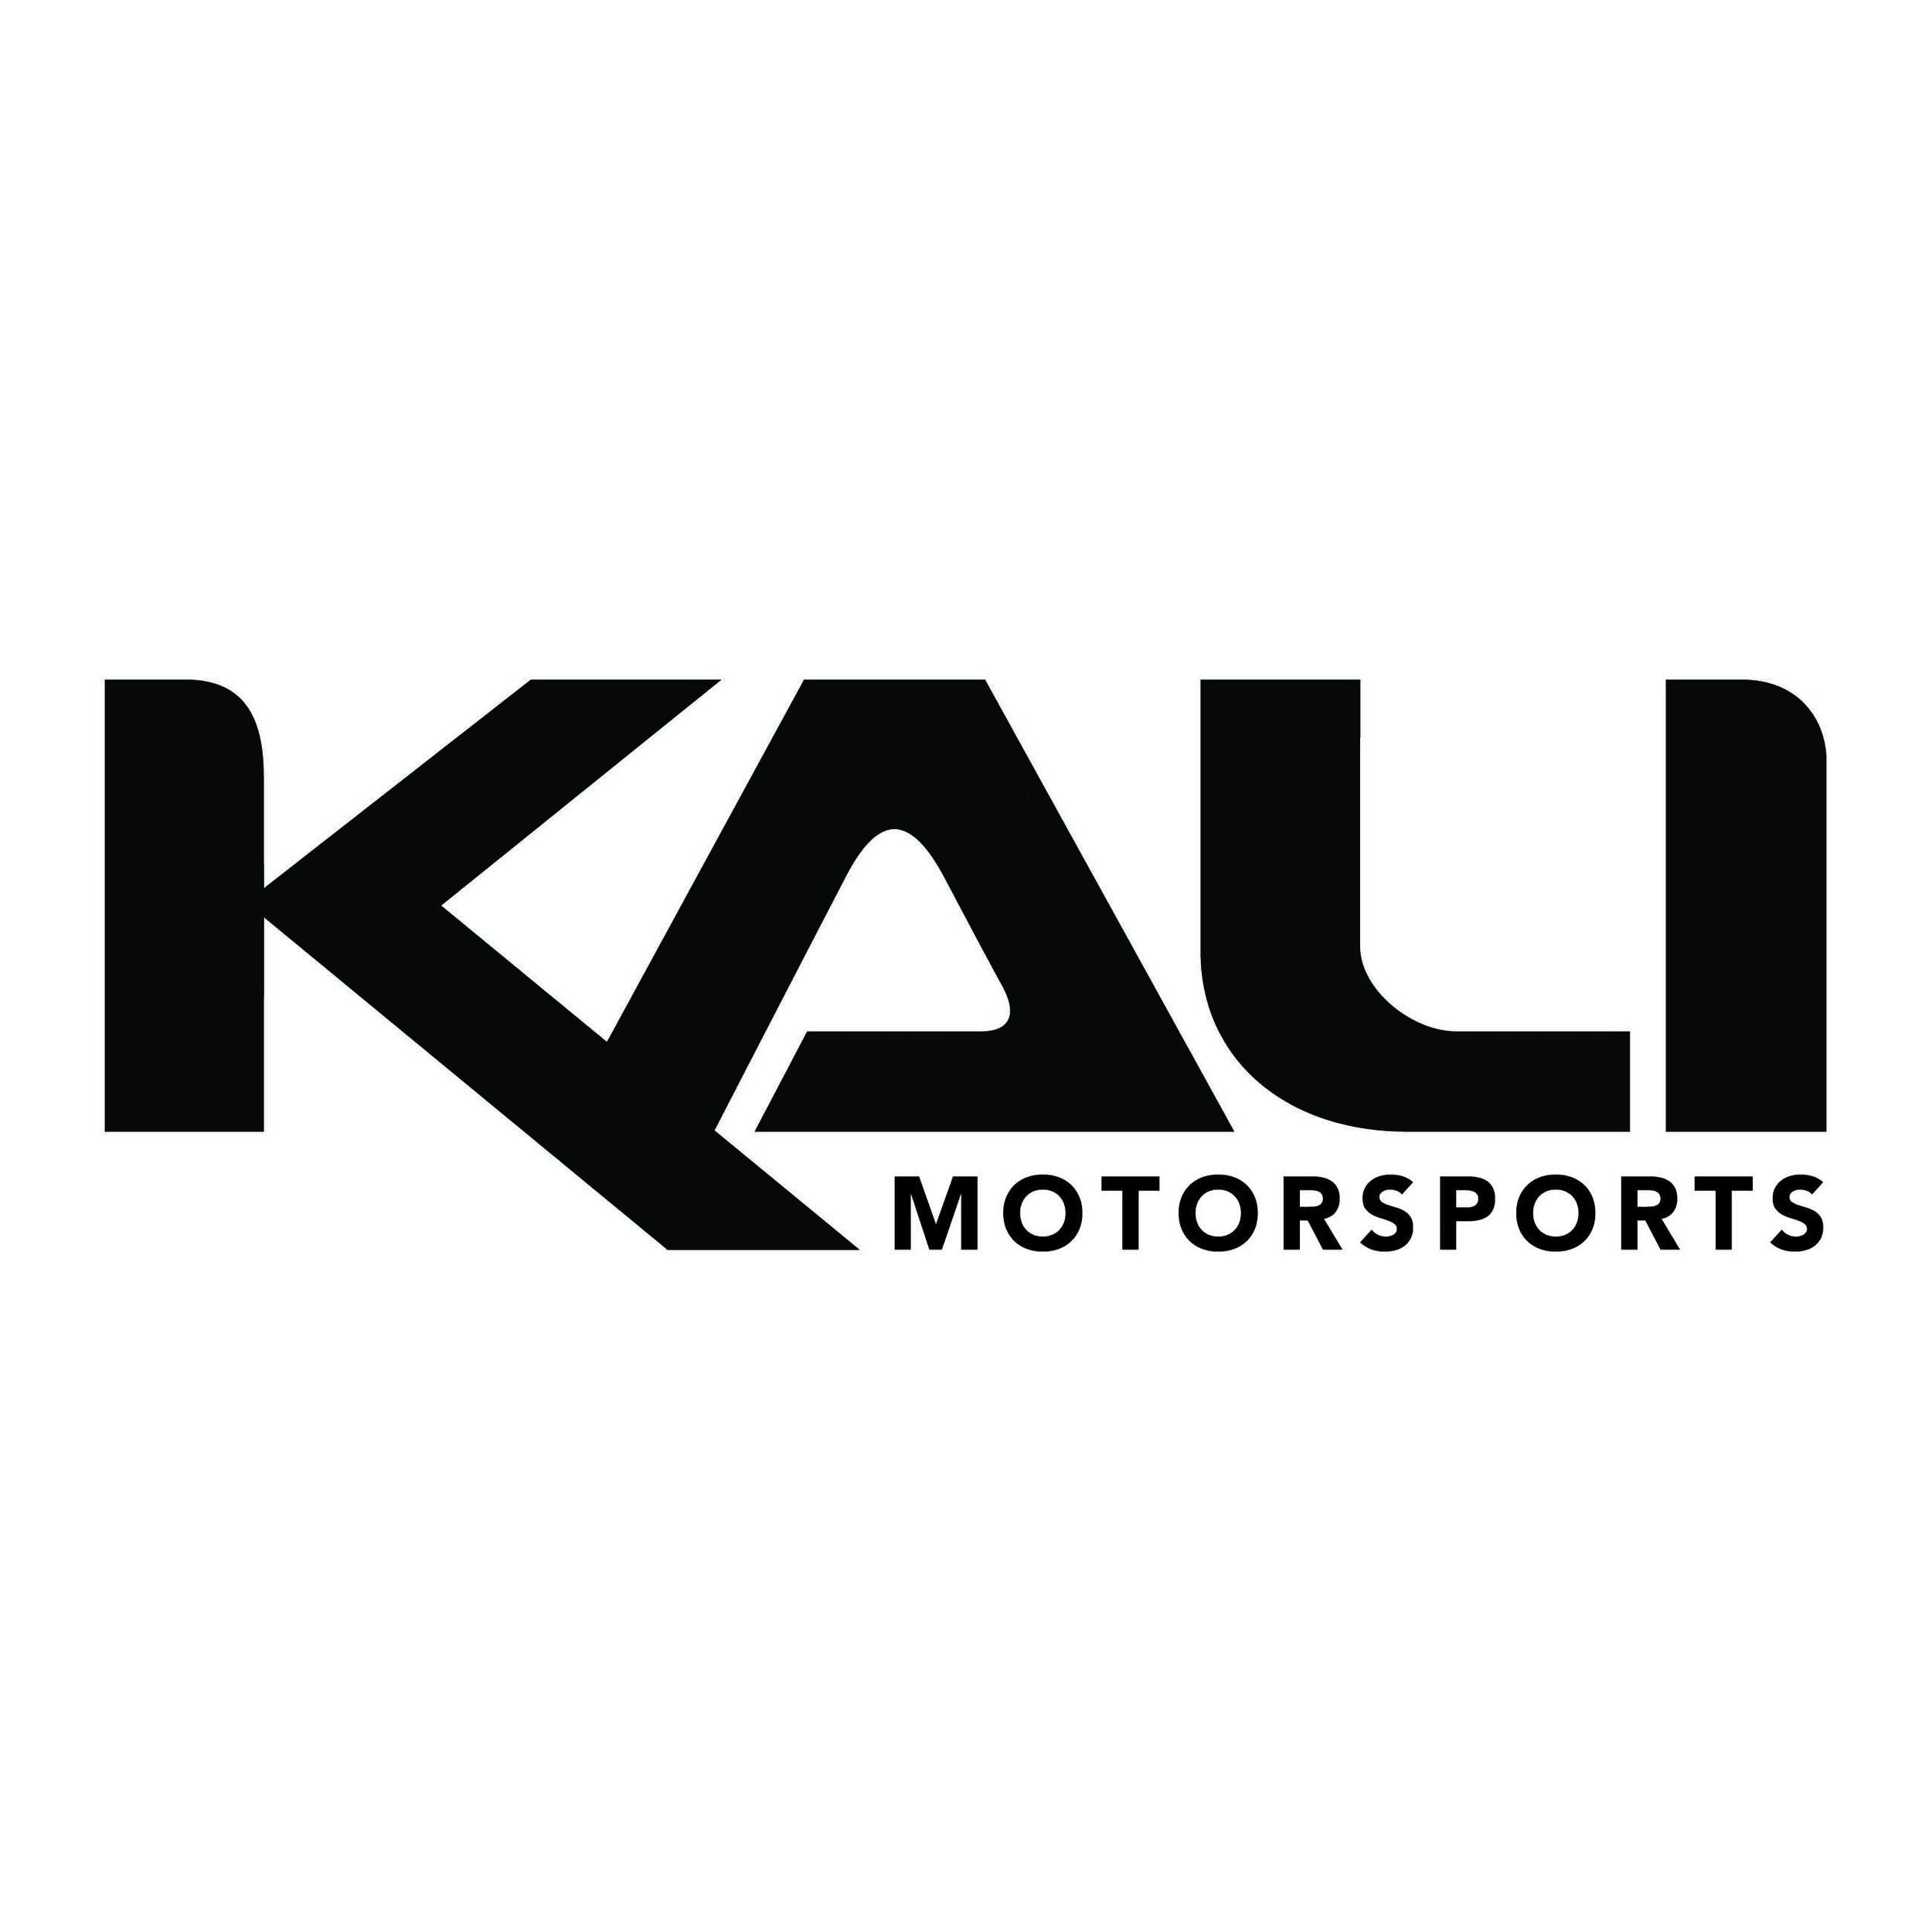 Kali_Motorsports_Wordmark_Logo_V1MasterBLK.jpg